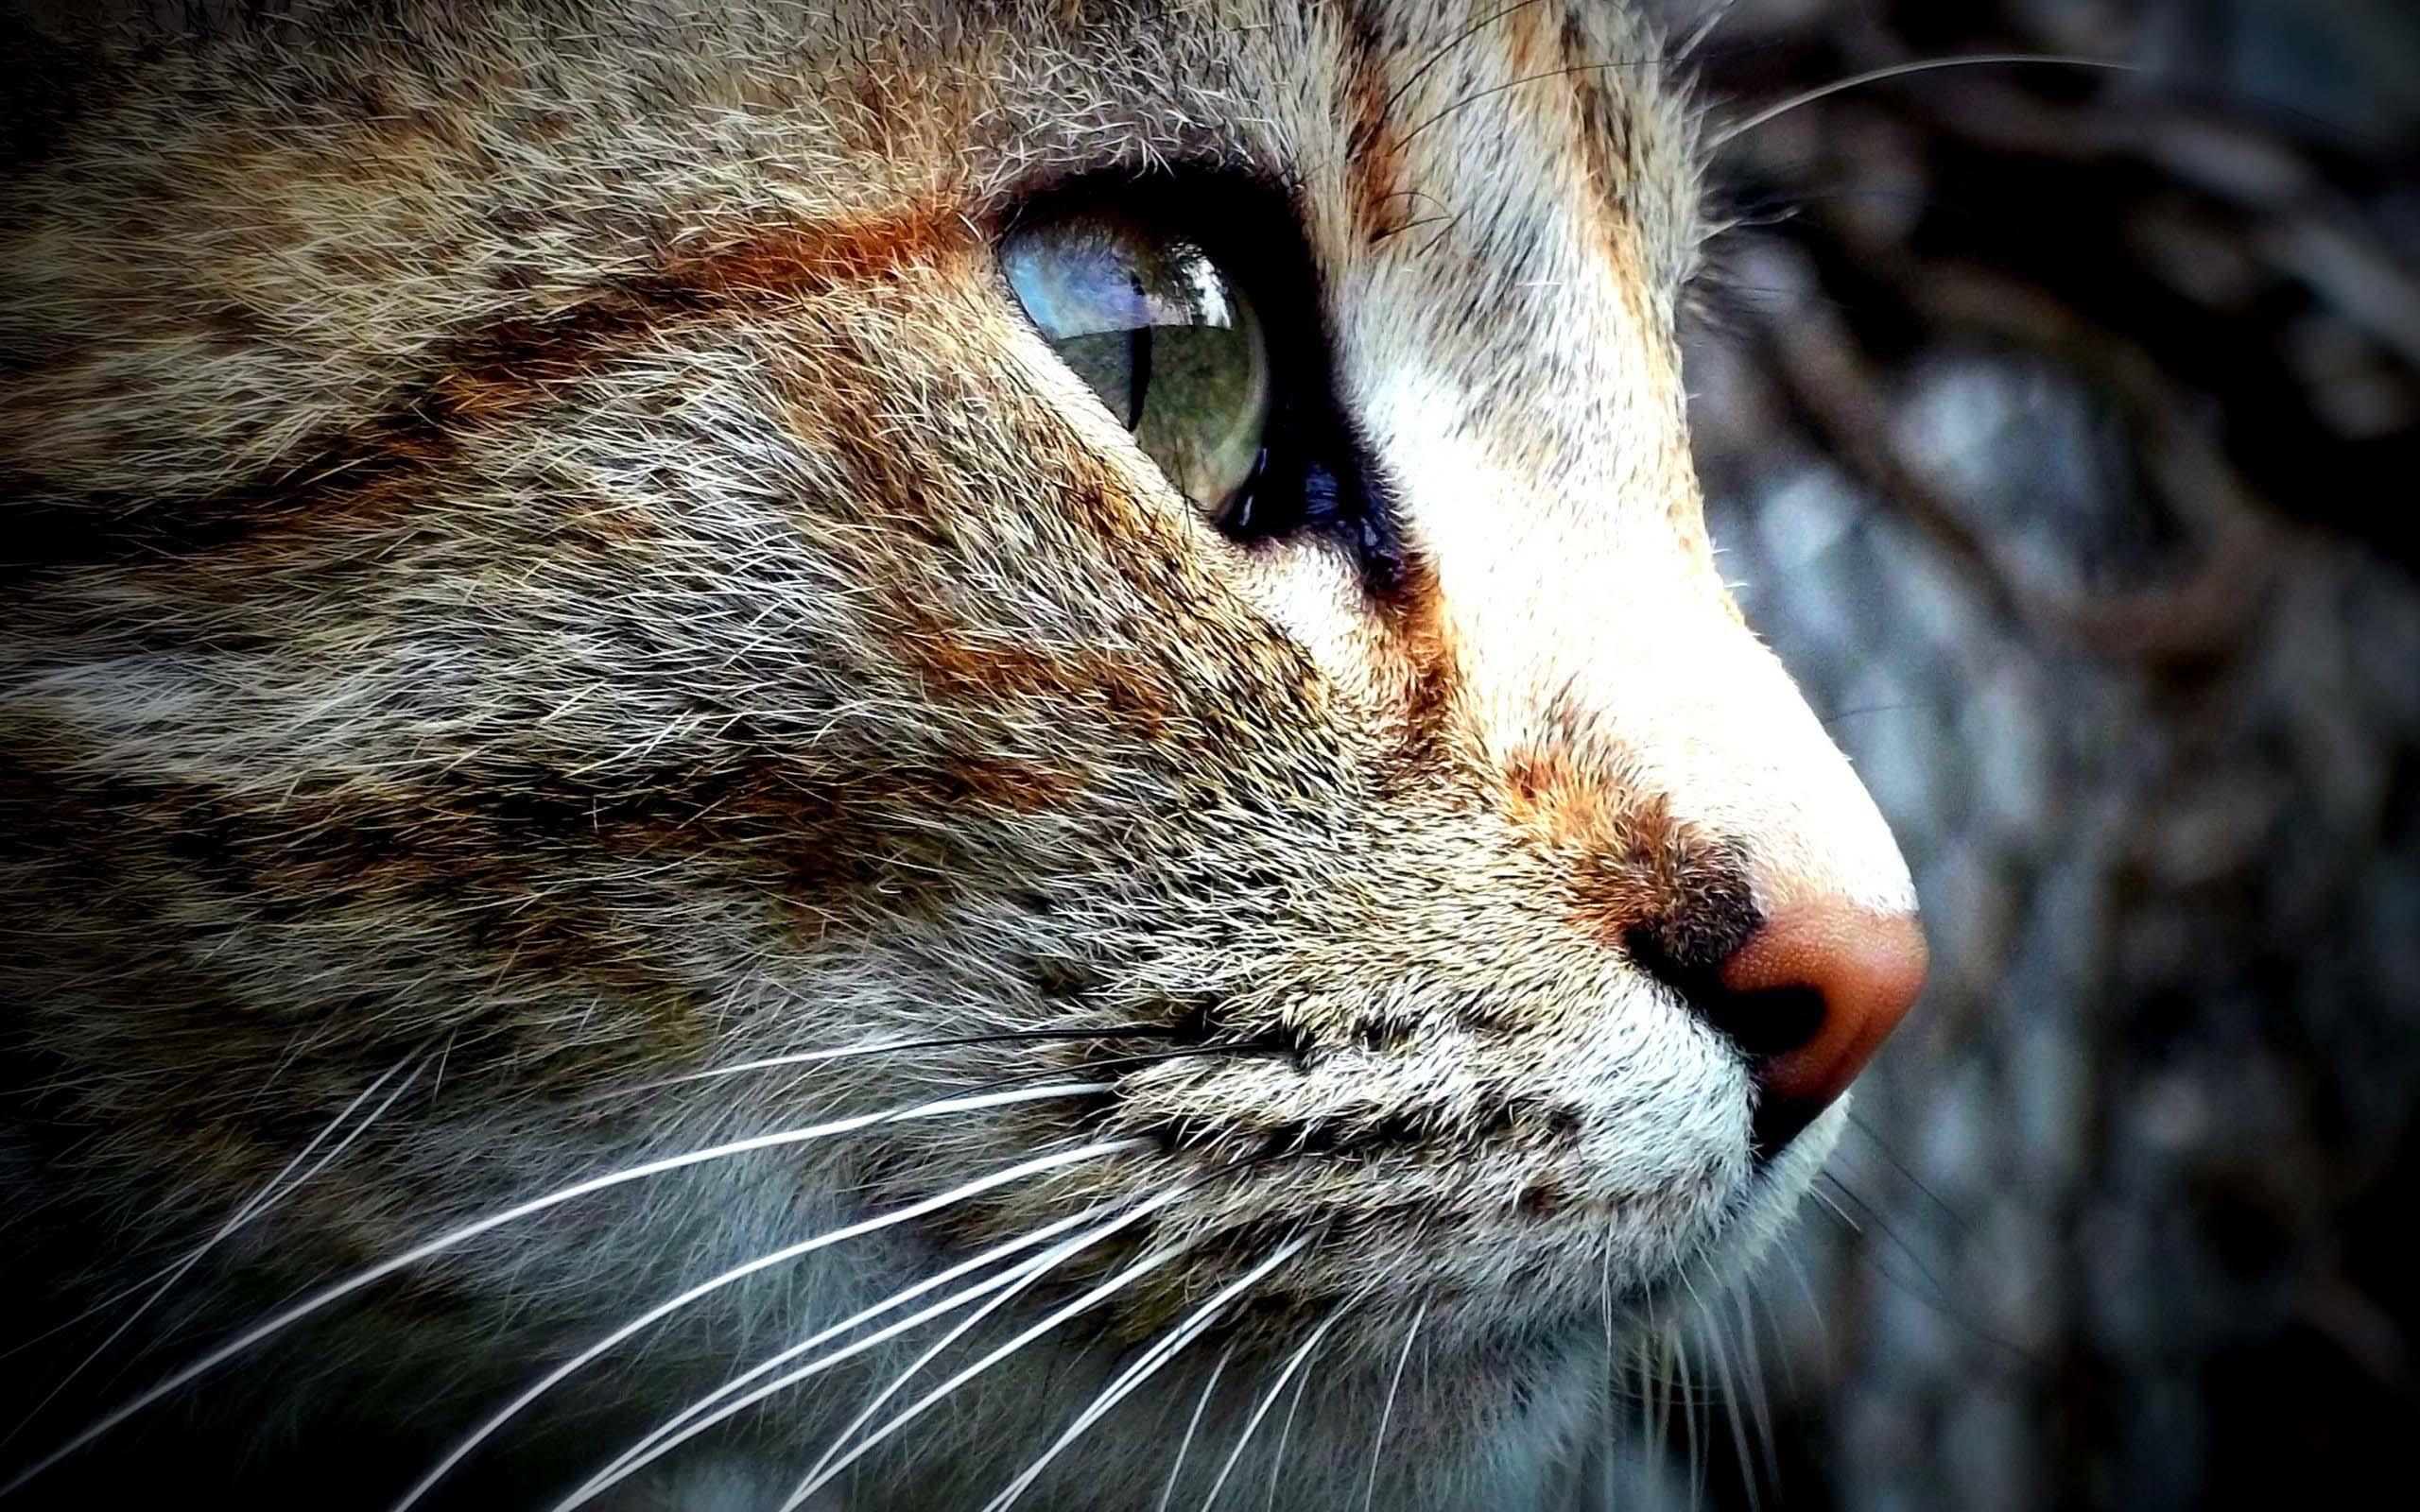 beautiful-eyes-of-a-nice-cat-full-hd-wallpaper